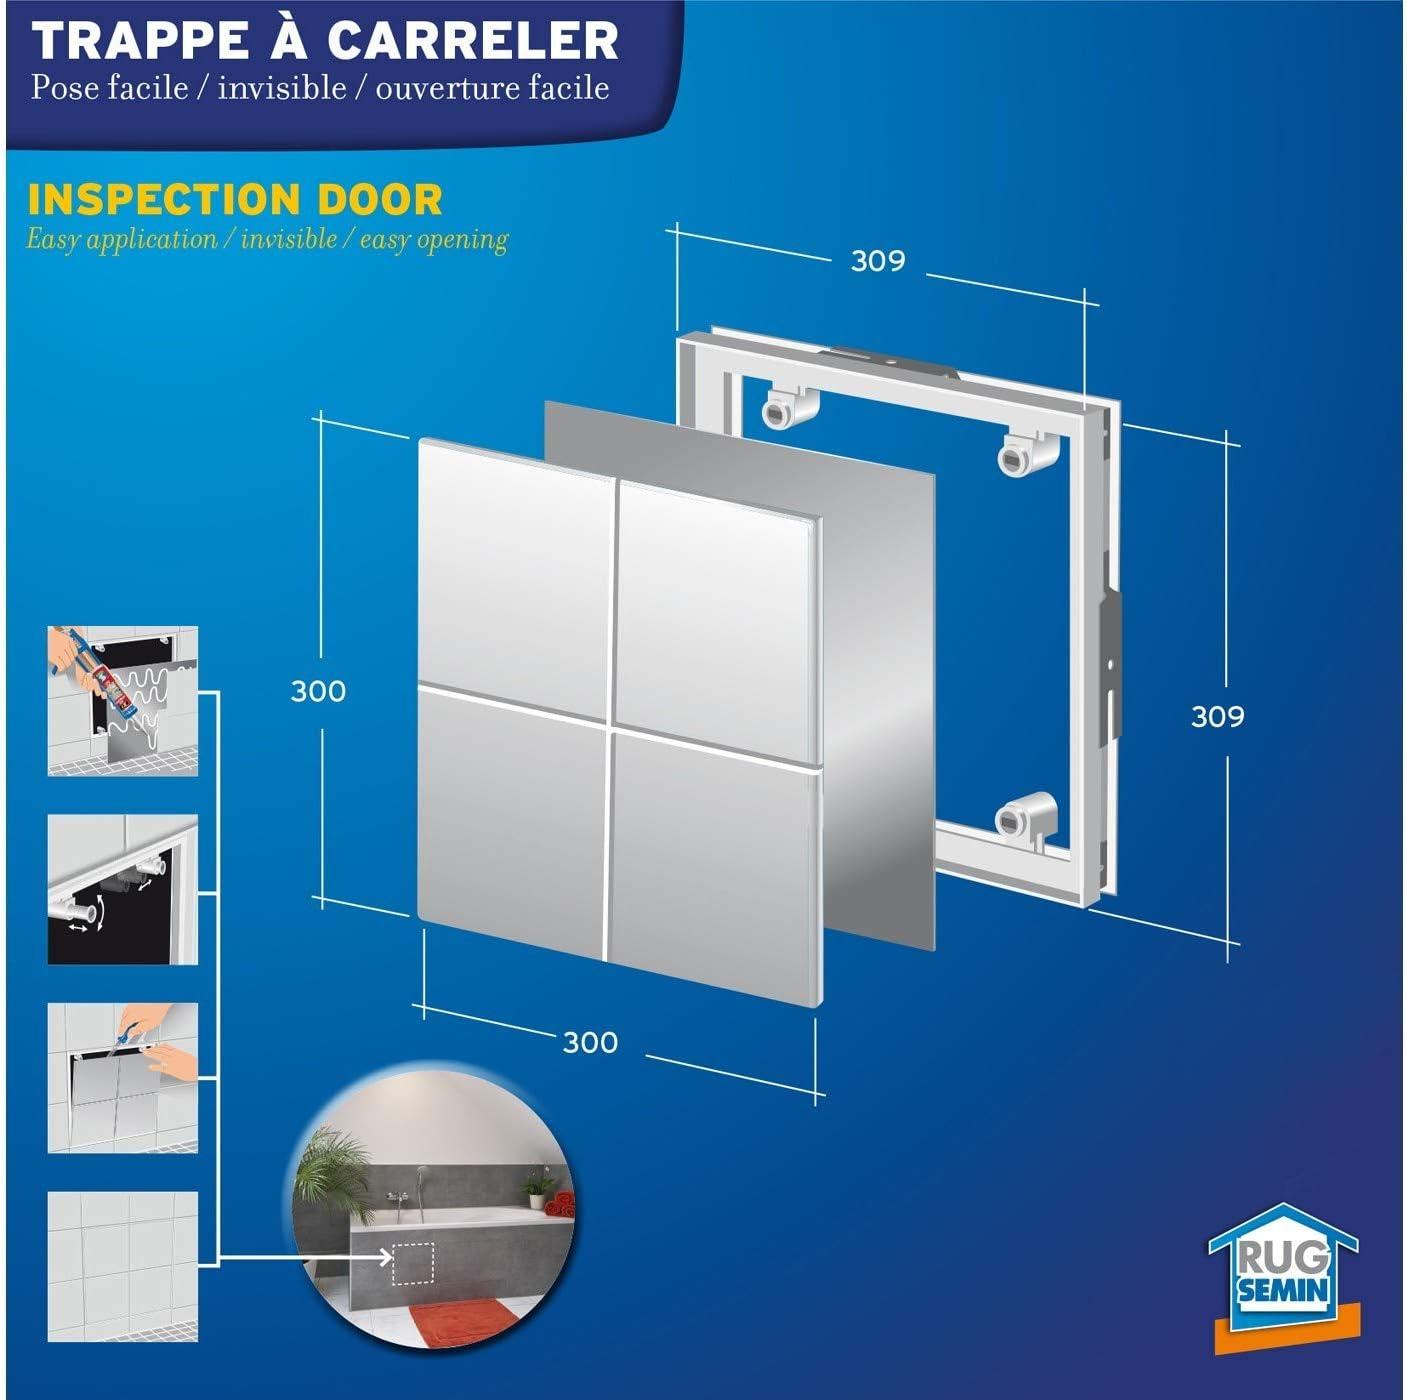 Trampa de visita a azulejos especial acceso bajo ba/ñera para habitaciones h/úmedas y cuarto de ba/ño Semin A05895 300 x 300 mm